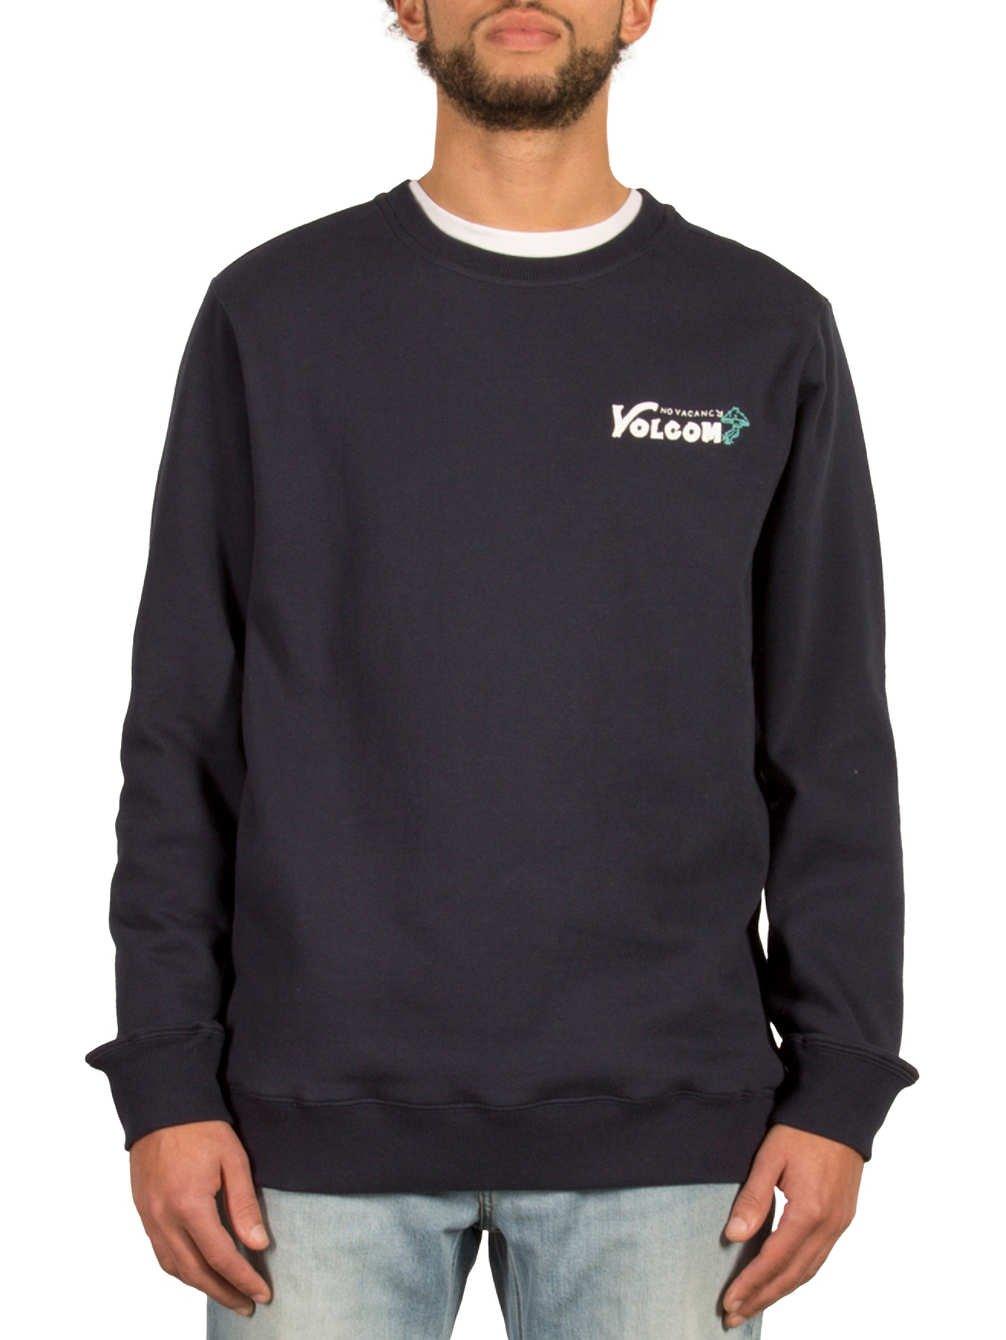 Volcom Reload Crew Sweatshirt, Herren